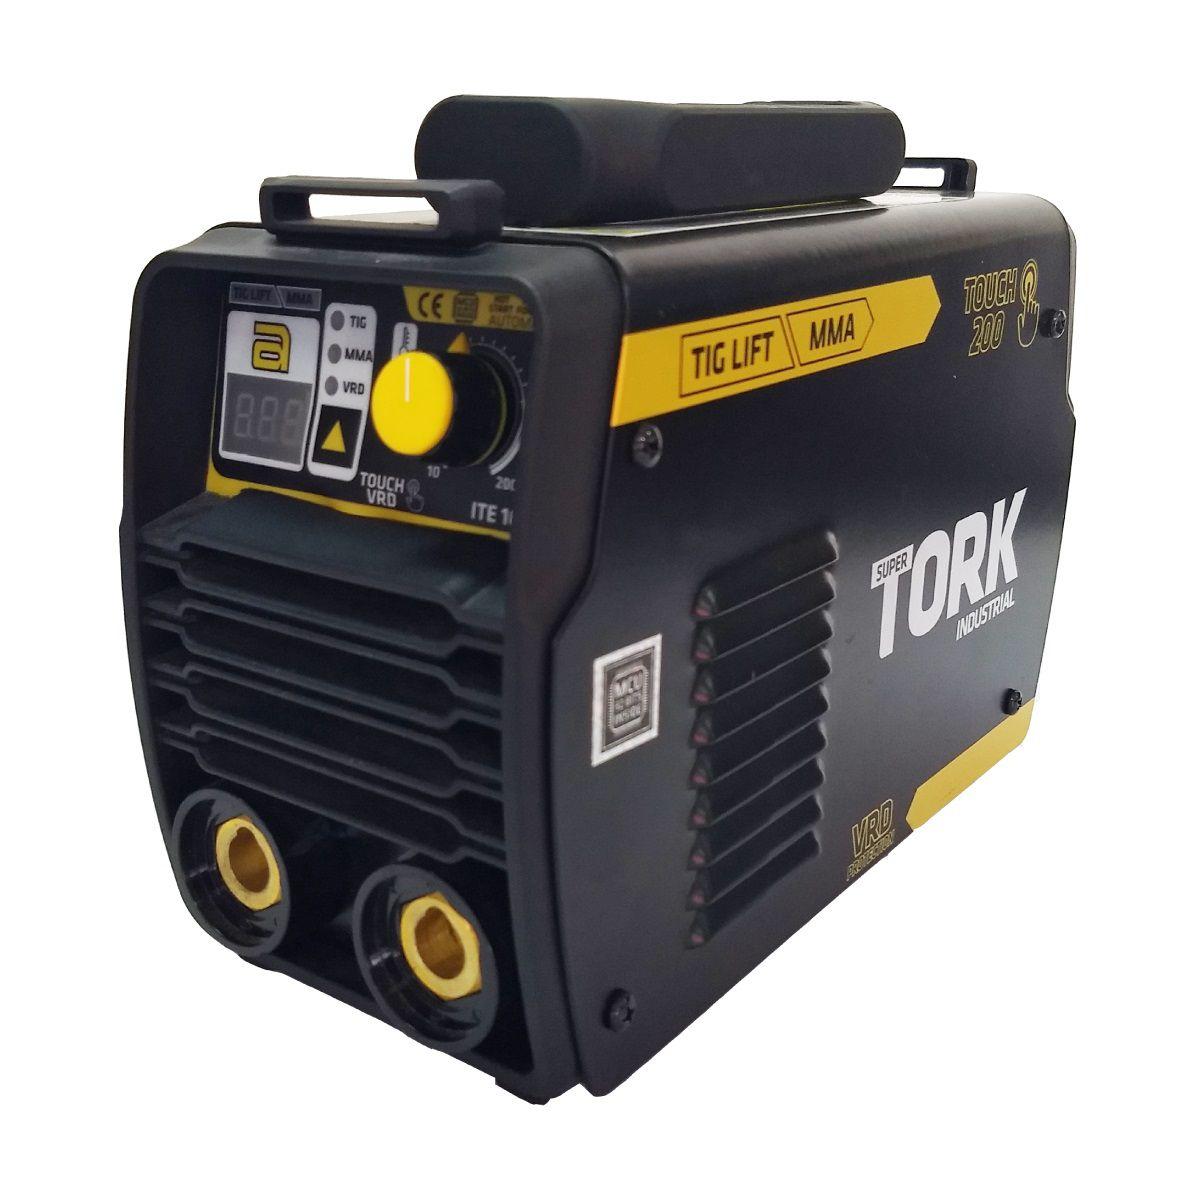 Inversor Solda Tig Industrial 200A Solda Aluminio Inox Tork